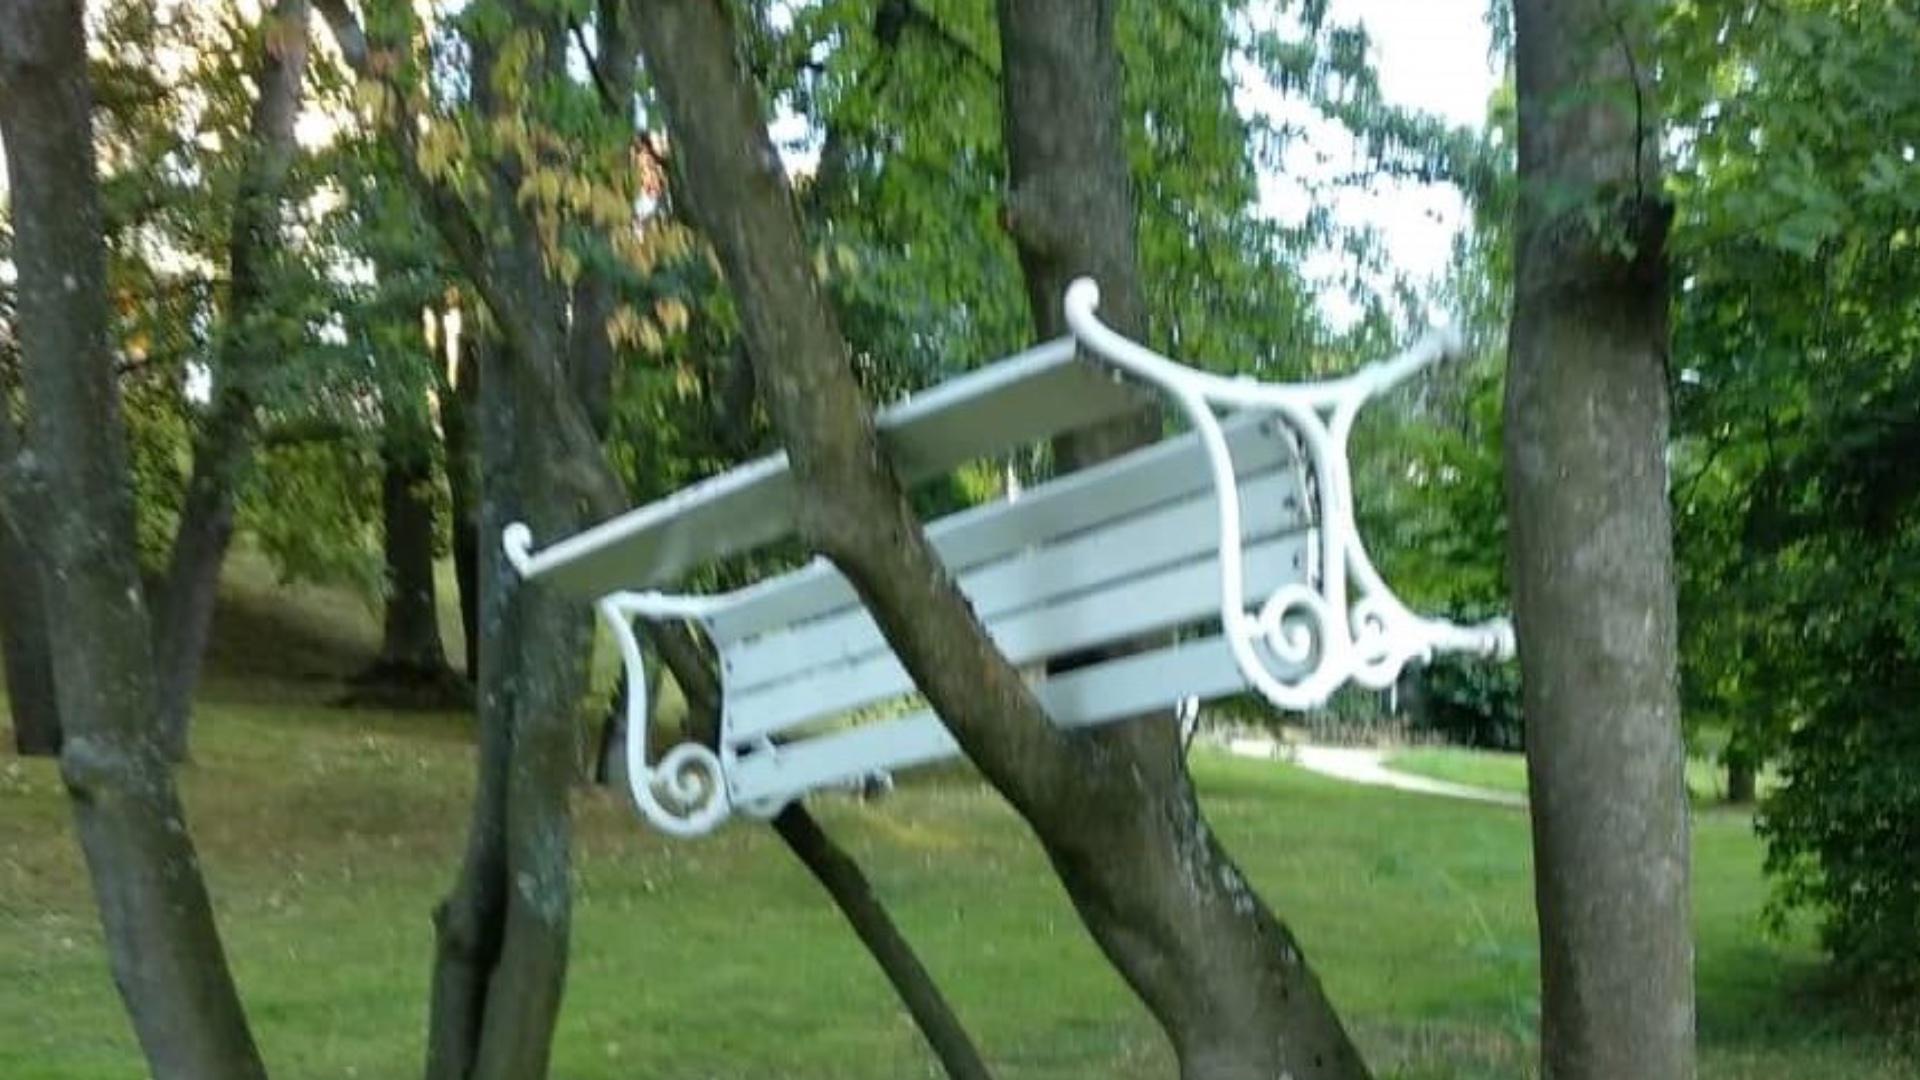 Ve městě chybí lavičky. Mohou za to vandalové i nedostatečné množství